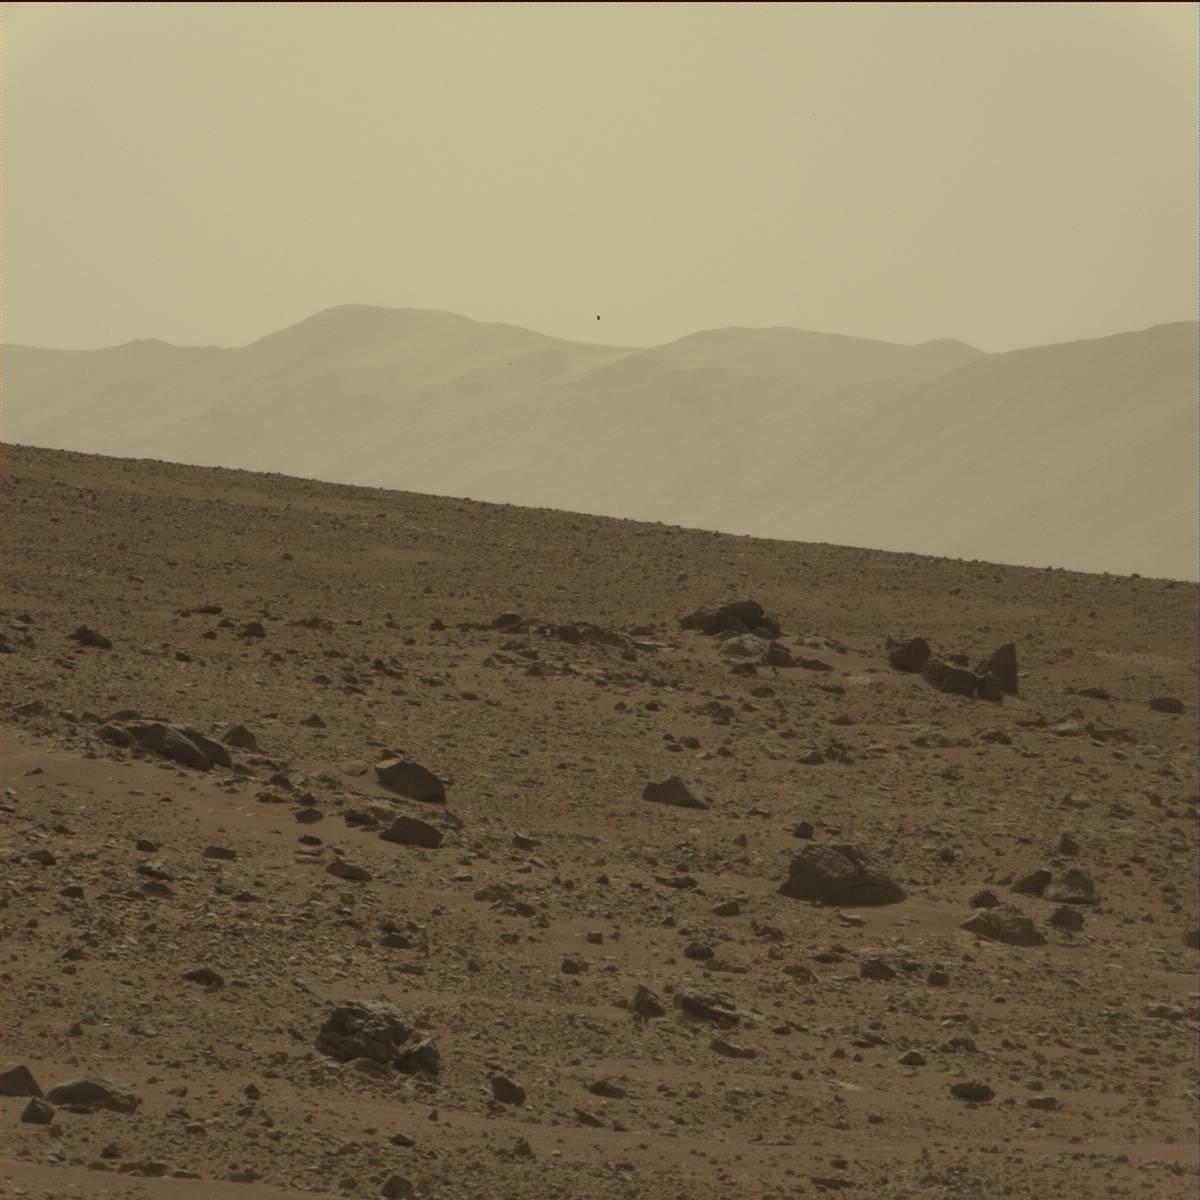 rover 75 mars - photo #45